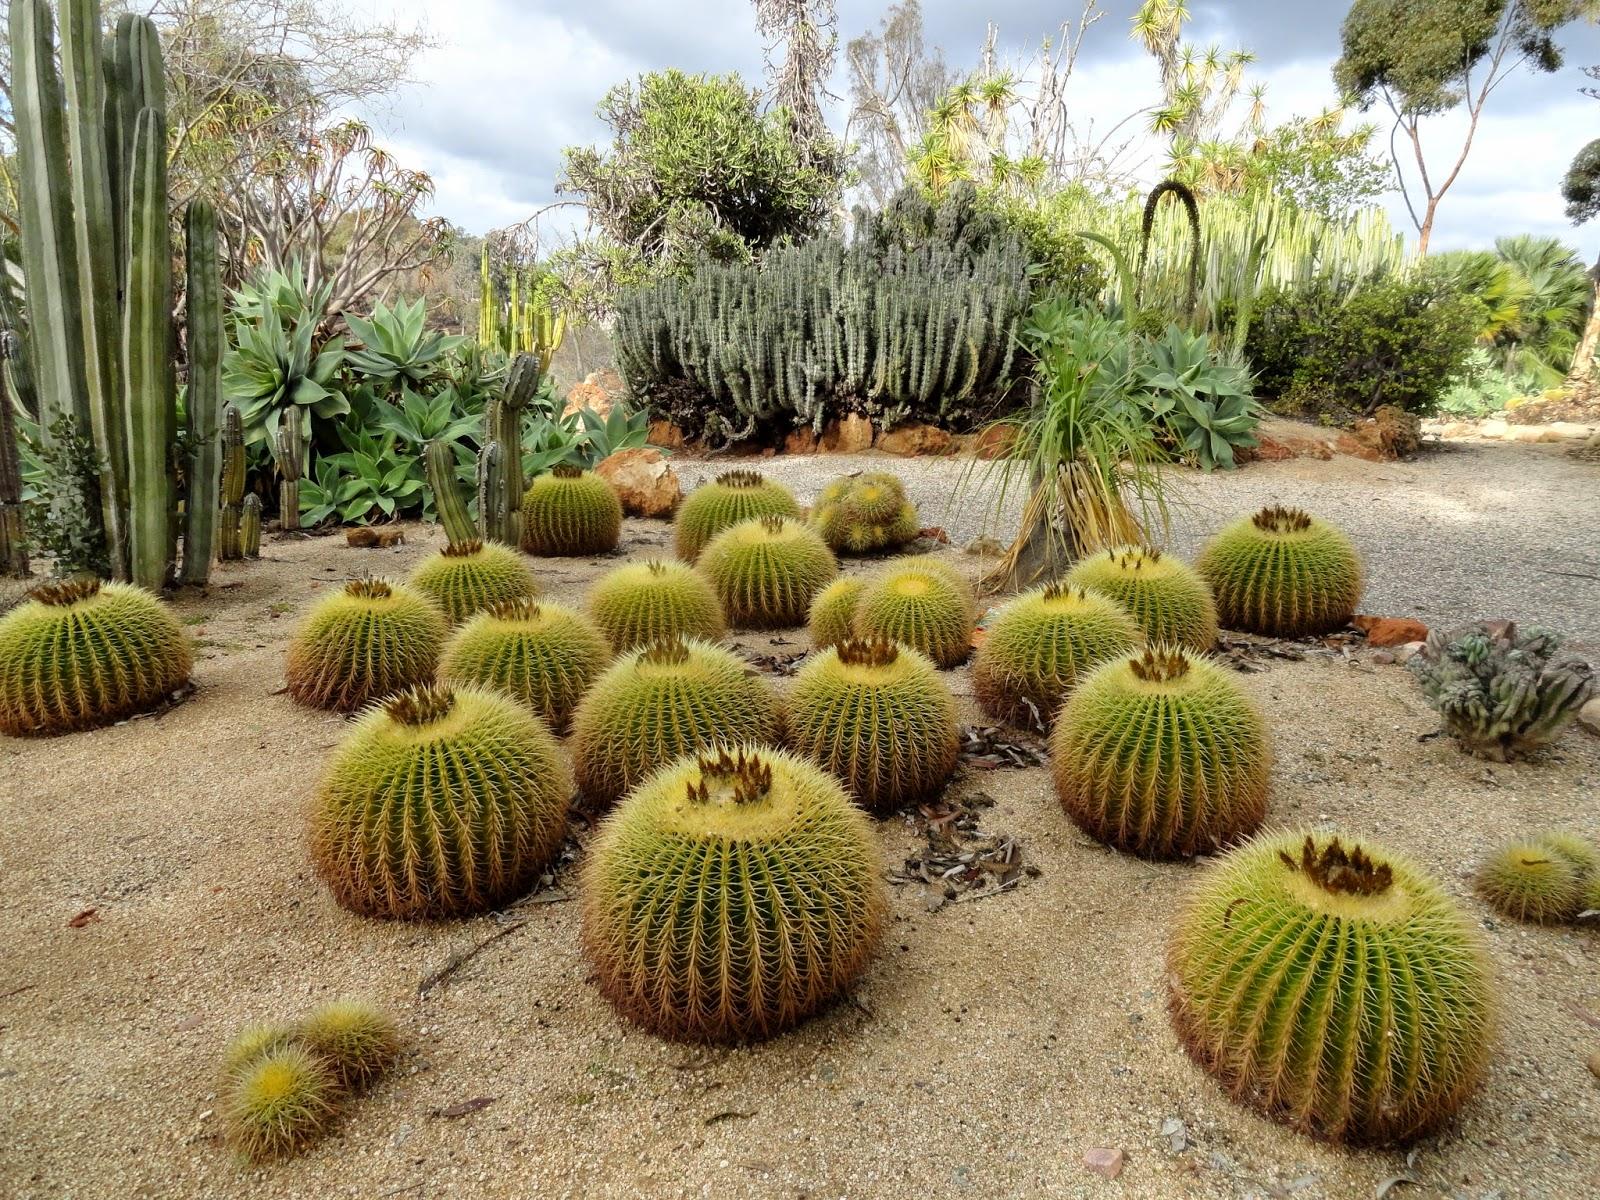 danger garden: The Old Cactus Garden at Balboa Park